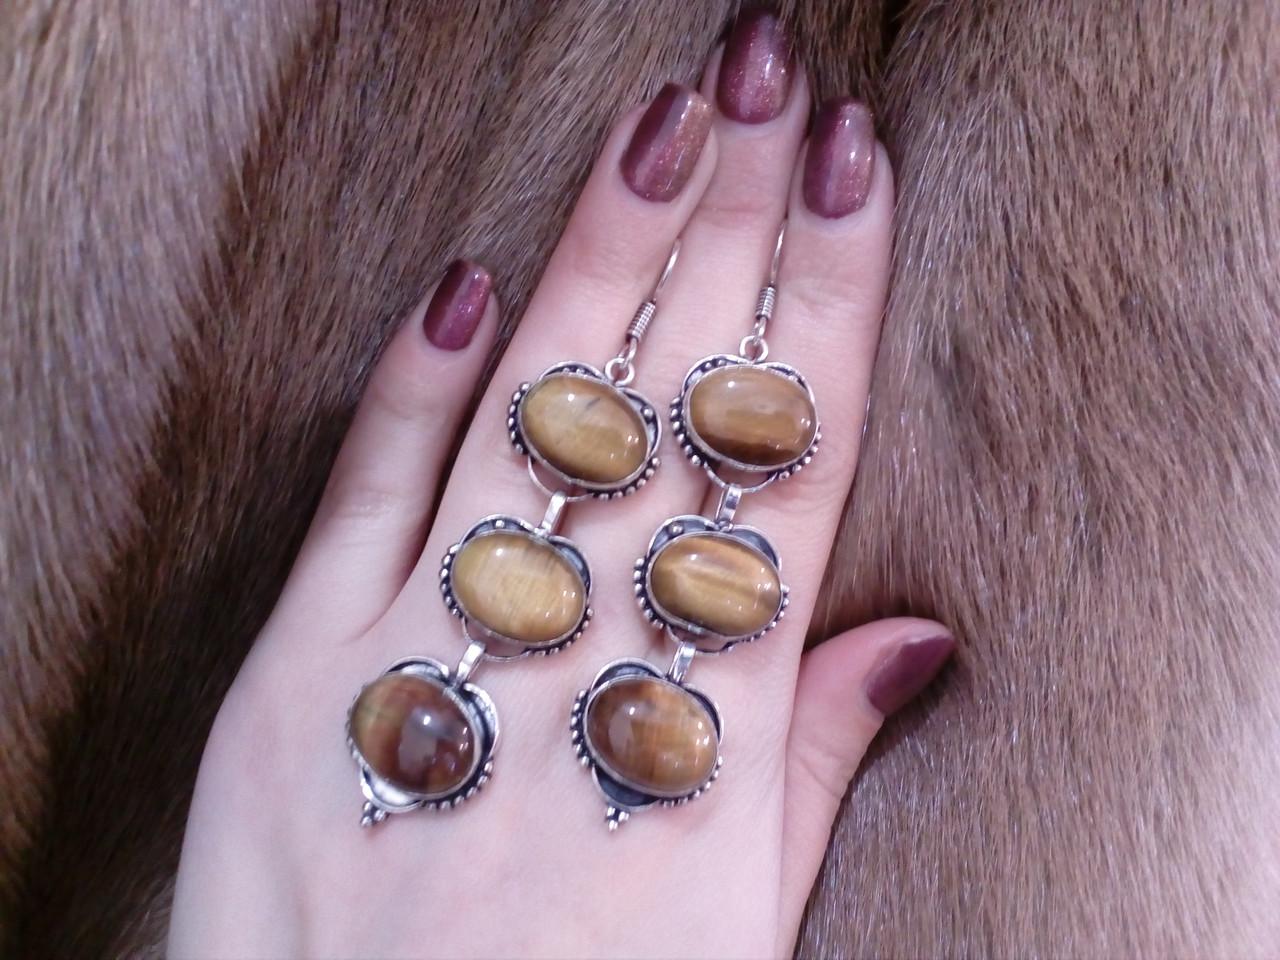 Красивые серьги с тигровым глазом. Серьги с натуральным камнем тигровый глаз в серебре. Индия!